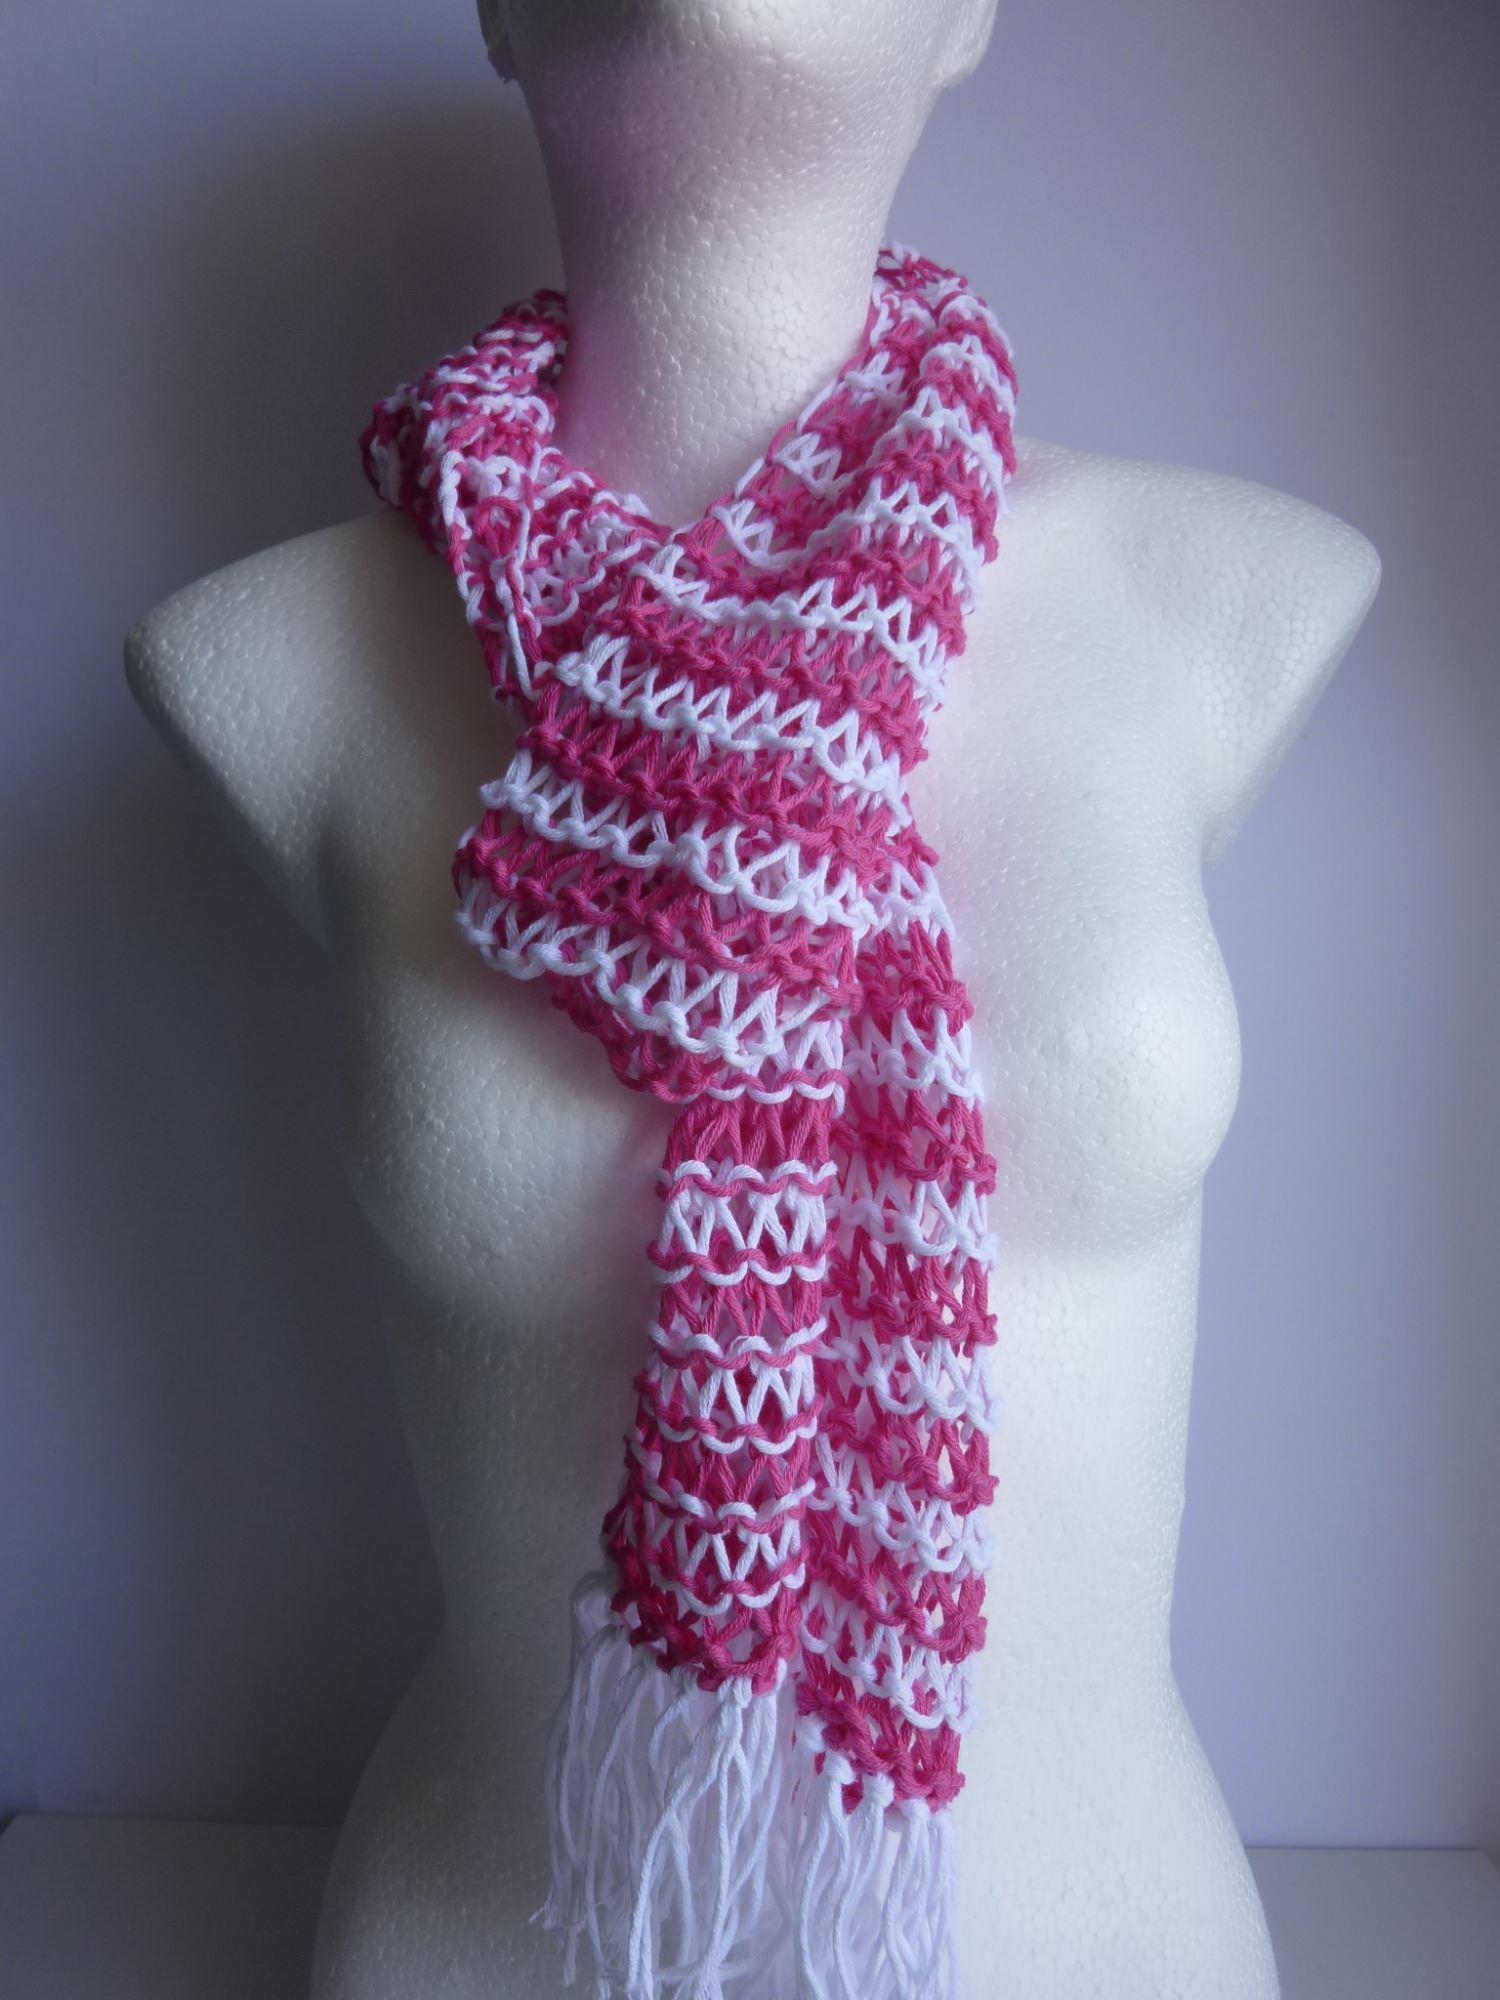 - Sommerschal weiß pink gestreift Baumwolle Bio handgestrickt - Sommerschal weiß pink gestreift Baumwolle Bio handgestrickt